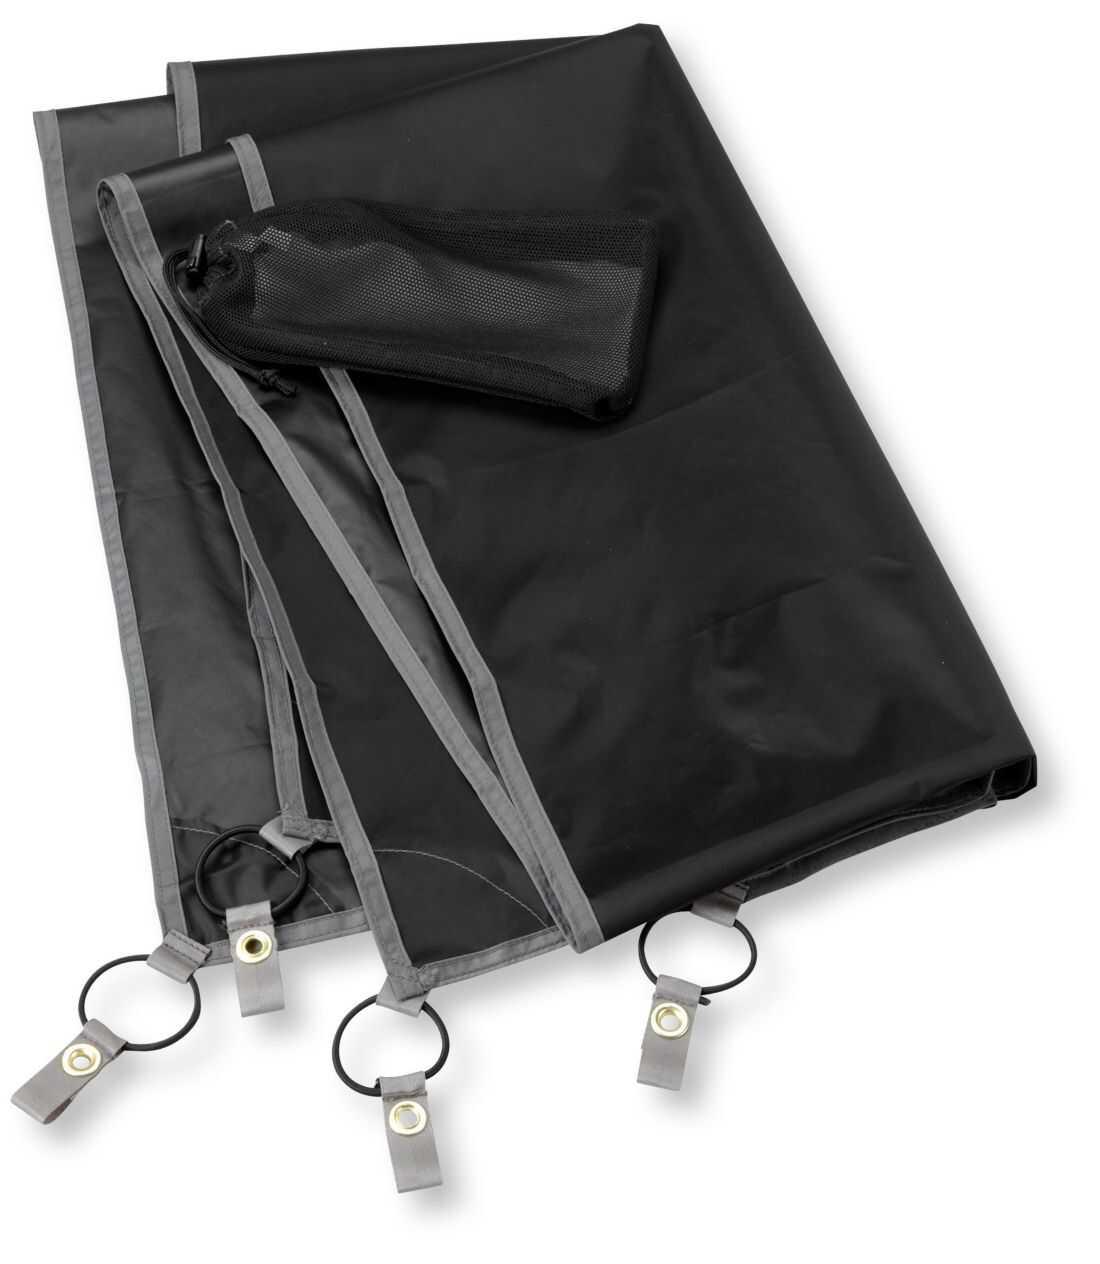 マイクロライト 2人用バックパッキング・テント、フットプリント